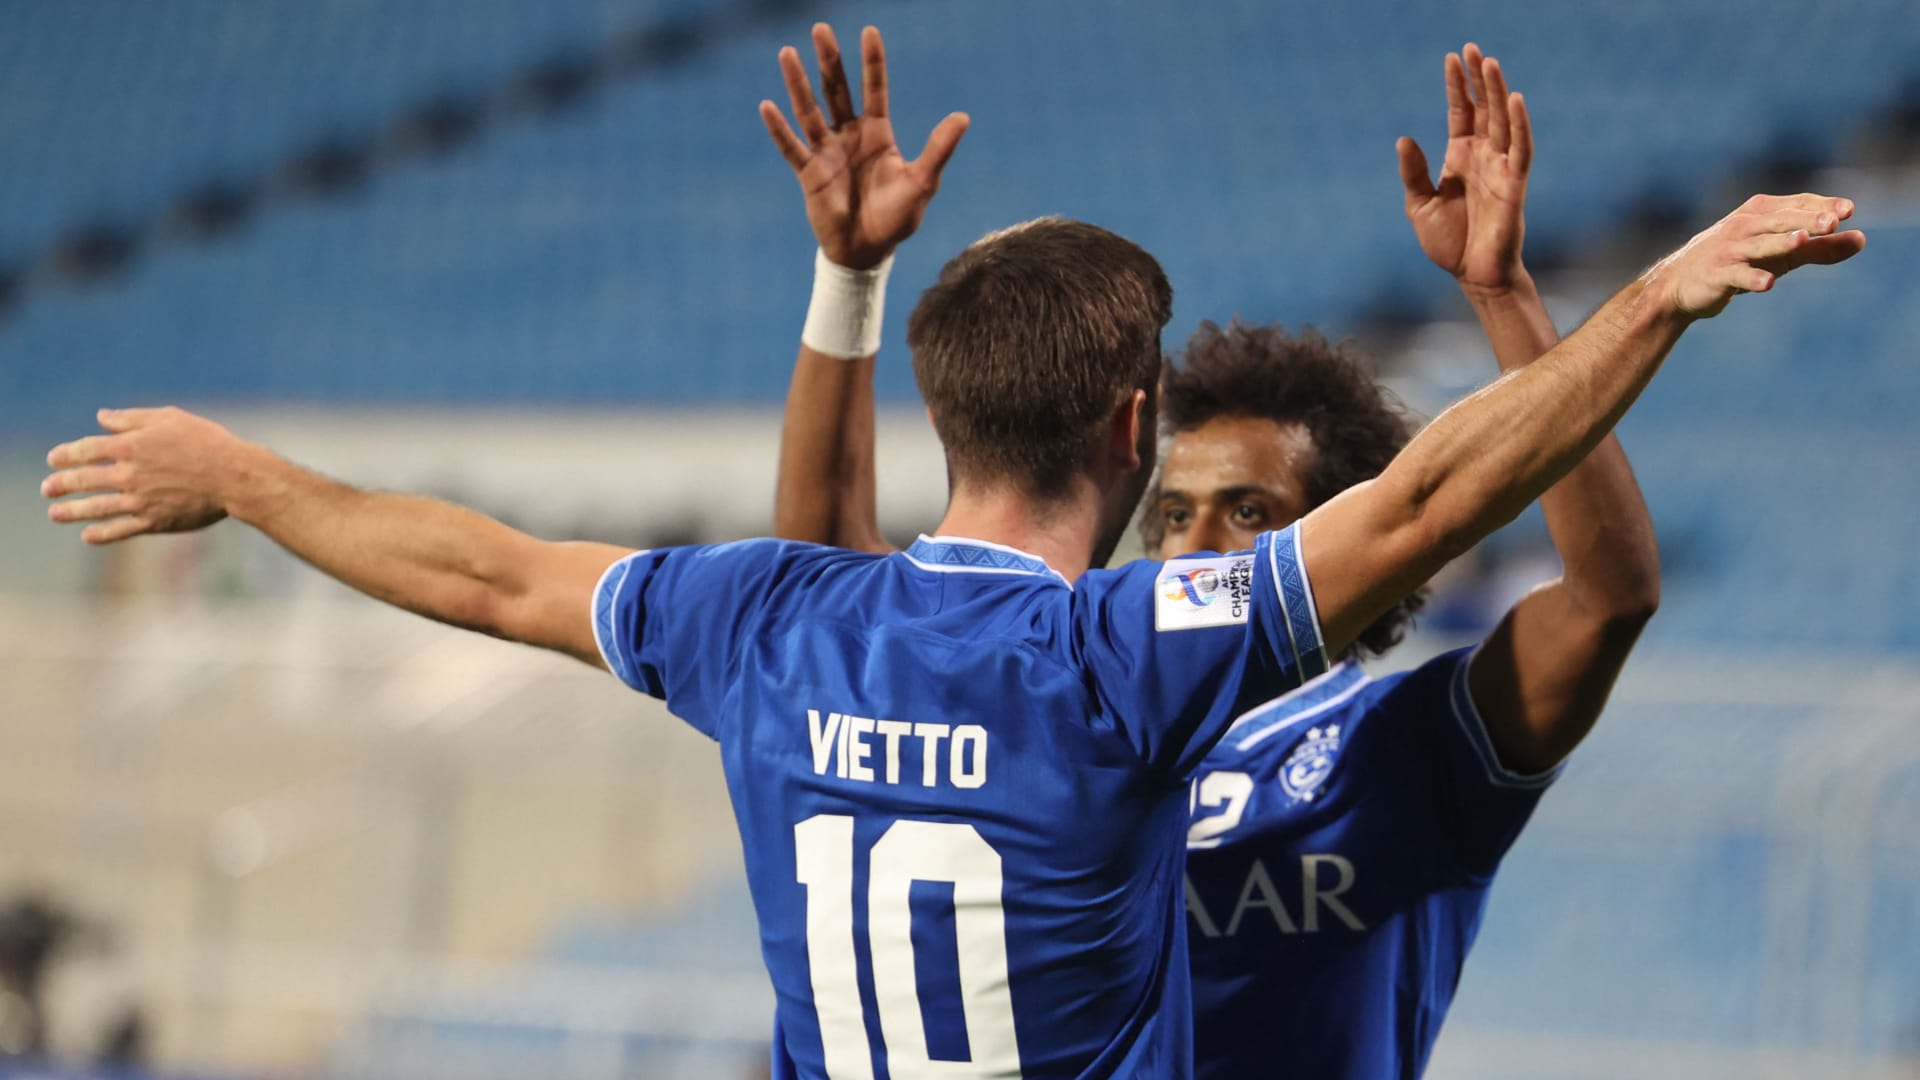 حظوظ الهلال والأهلي السعوديين في المباراة الأخيرة لهما بدور المجموعات لدوري أبطال آسيا